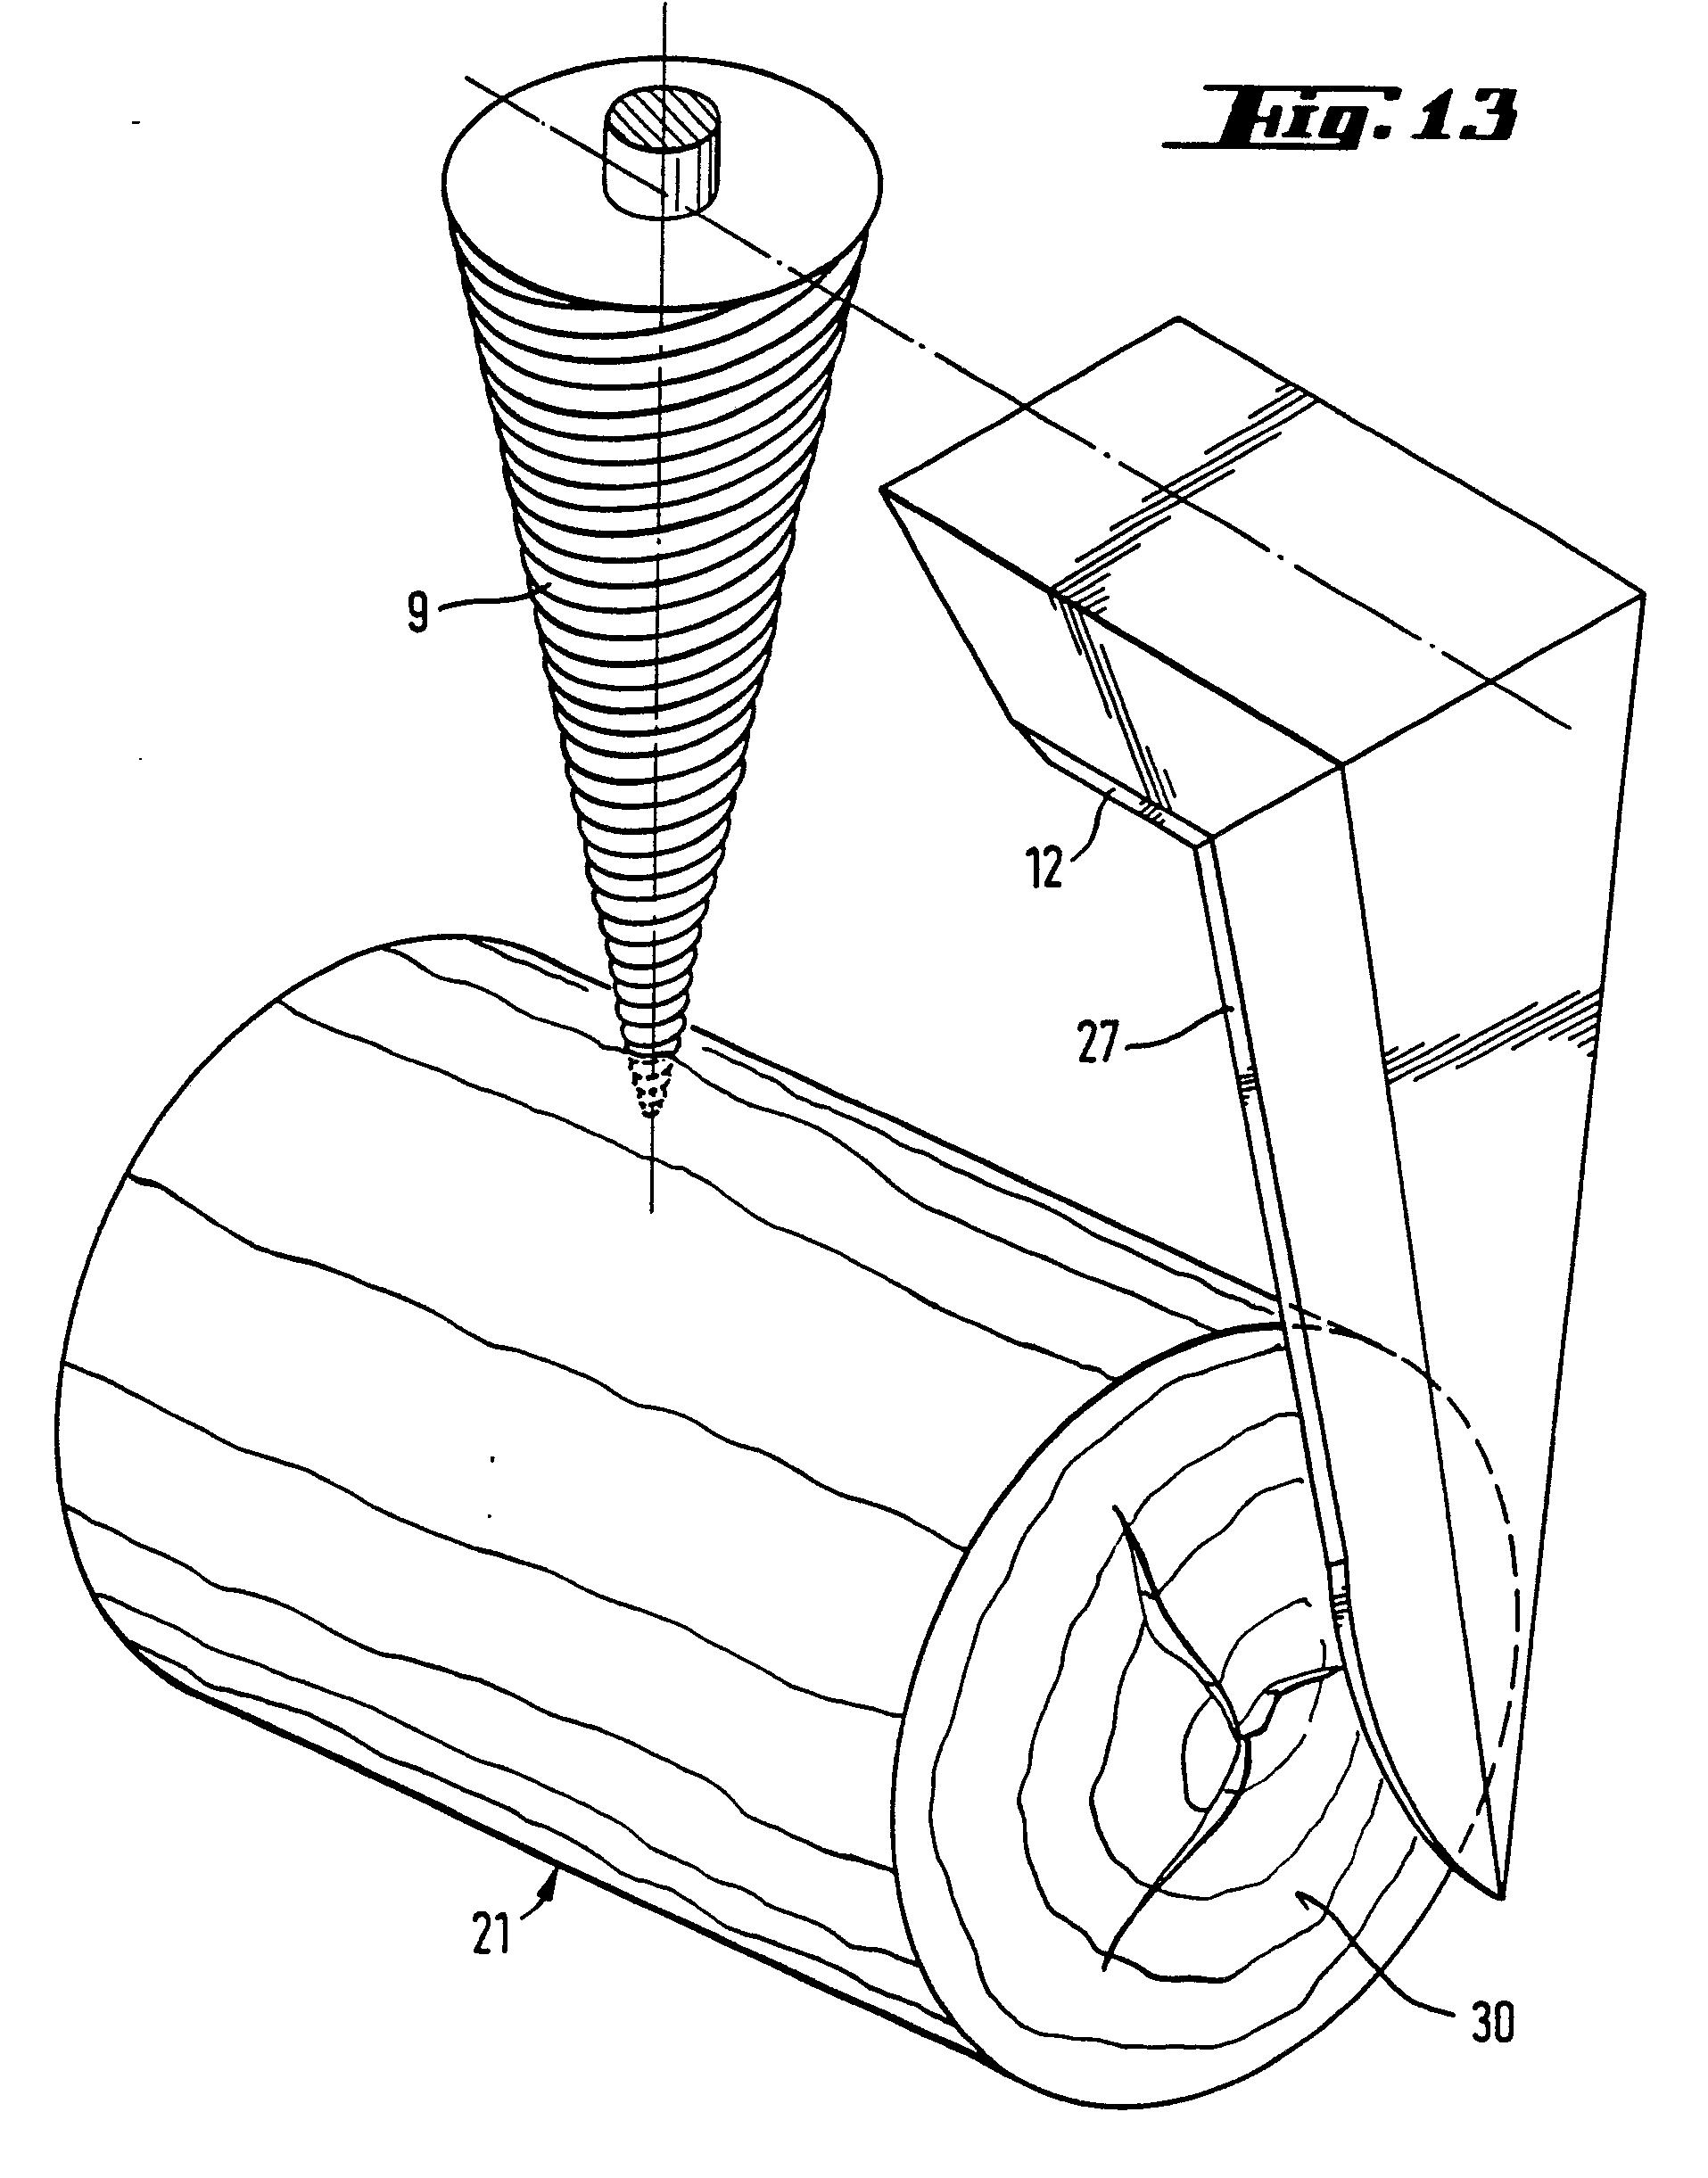 patent ep0134802b1 dispositif pour fendre le bois et. Black Bedroom Furniture Sets. Home Design Ideas